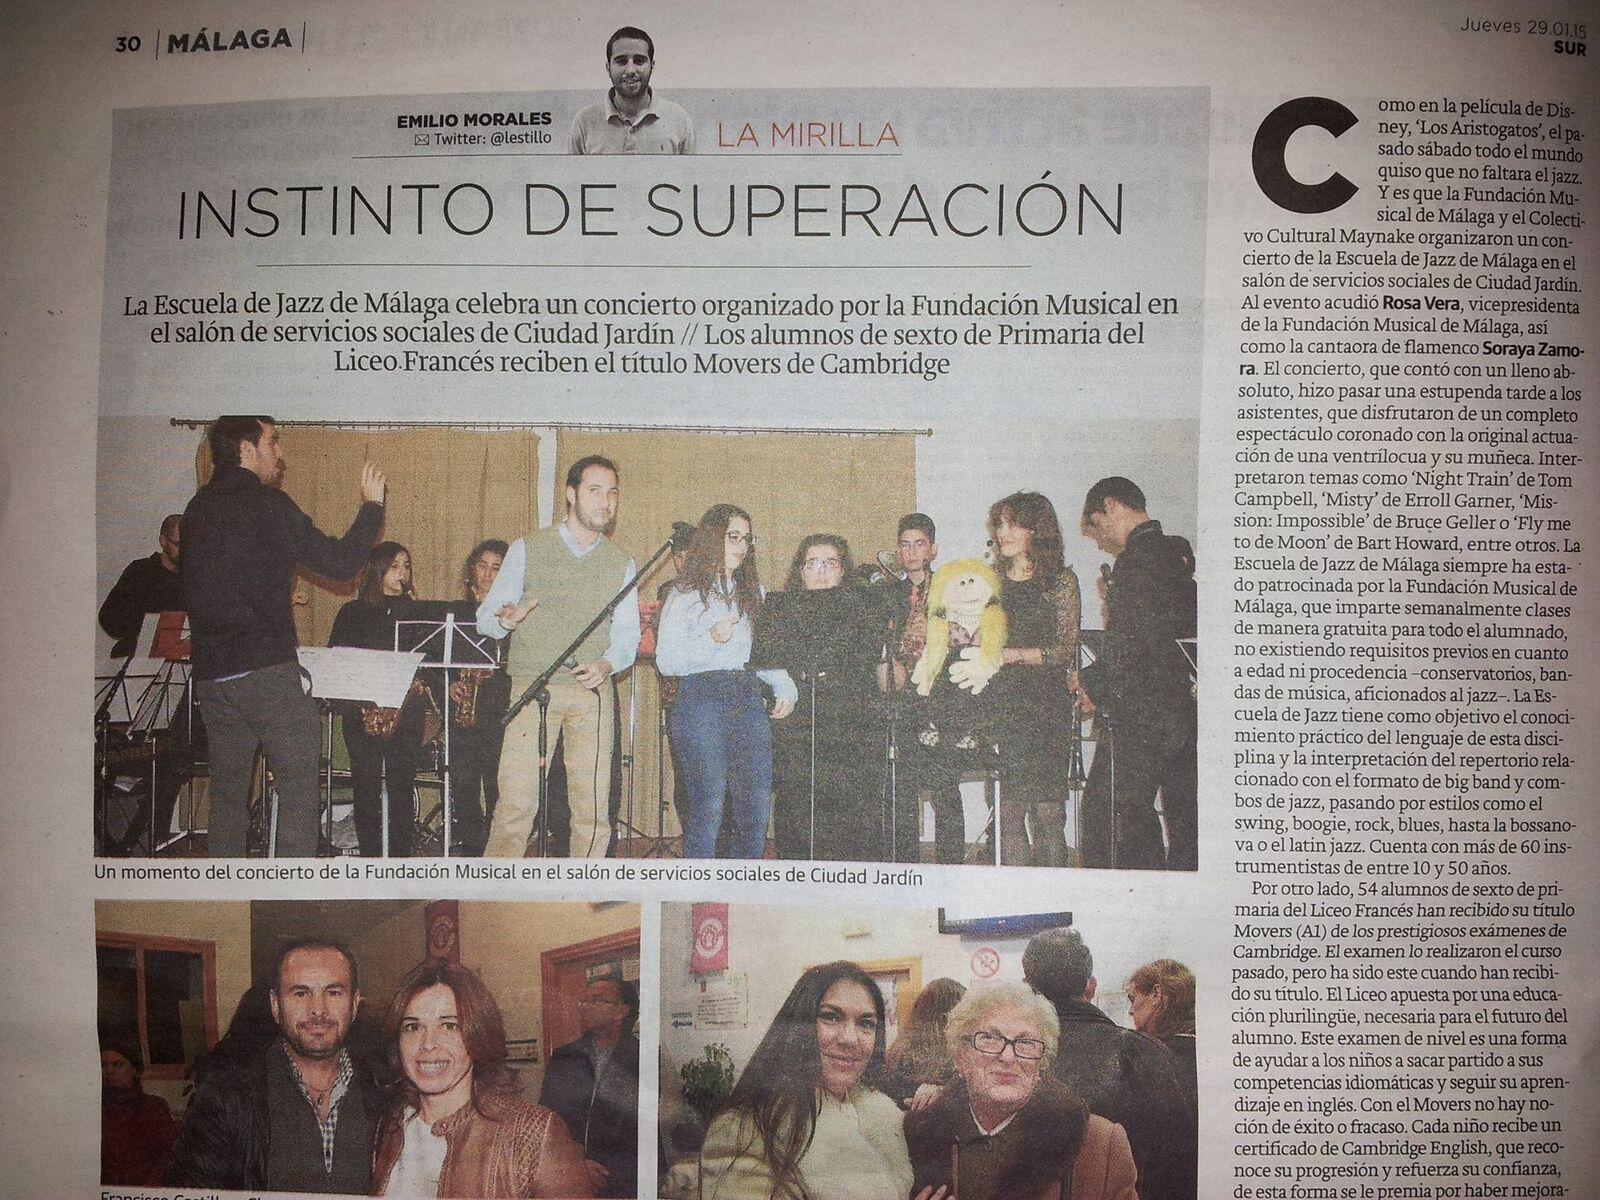 Ana-Norro-Ventrilocua-Cantante-Jazz